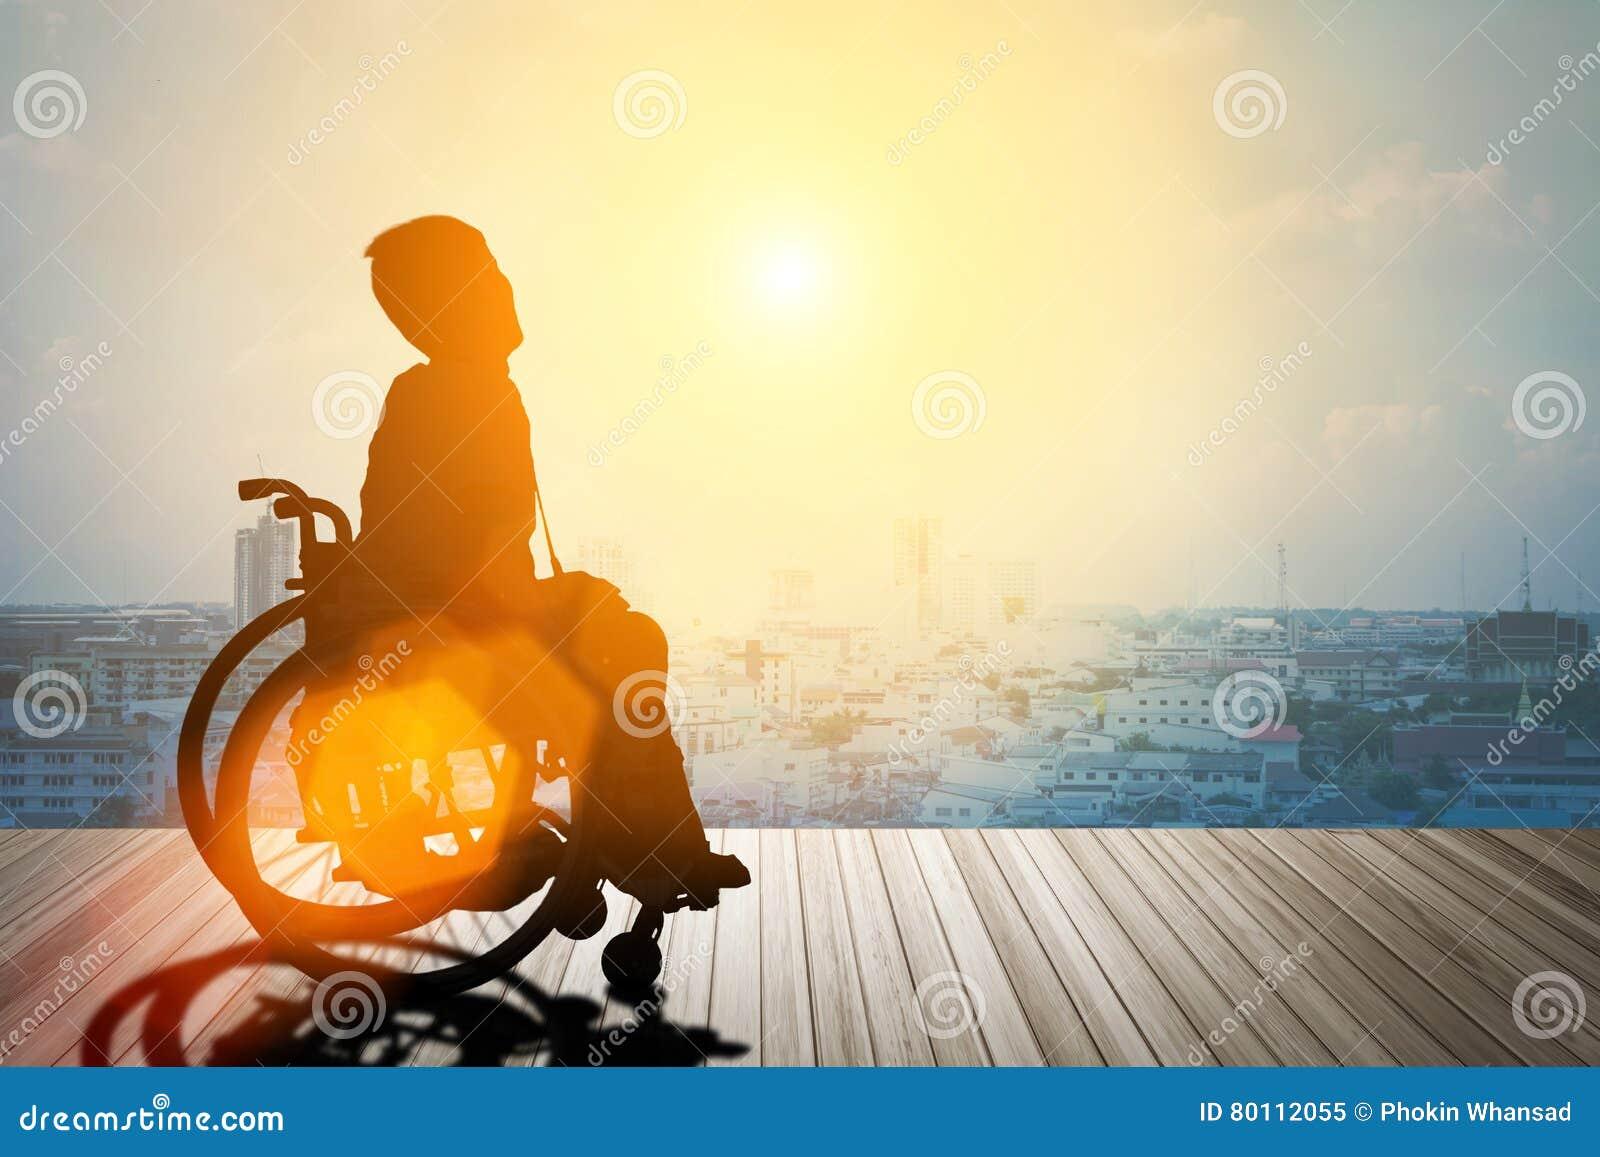 Silueta de discapacitado en la silla de ruedas